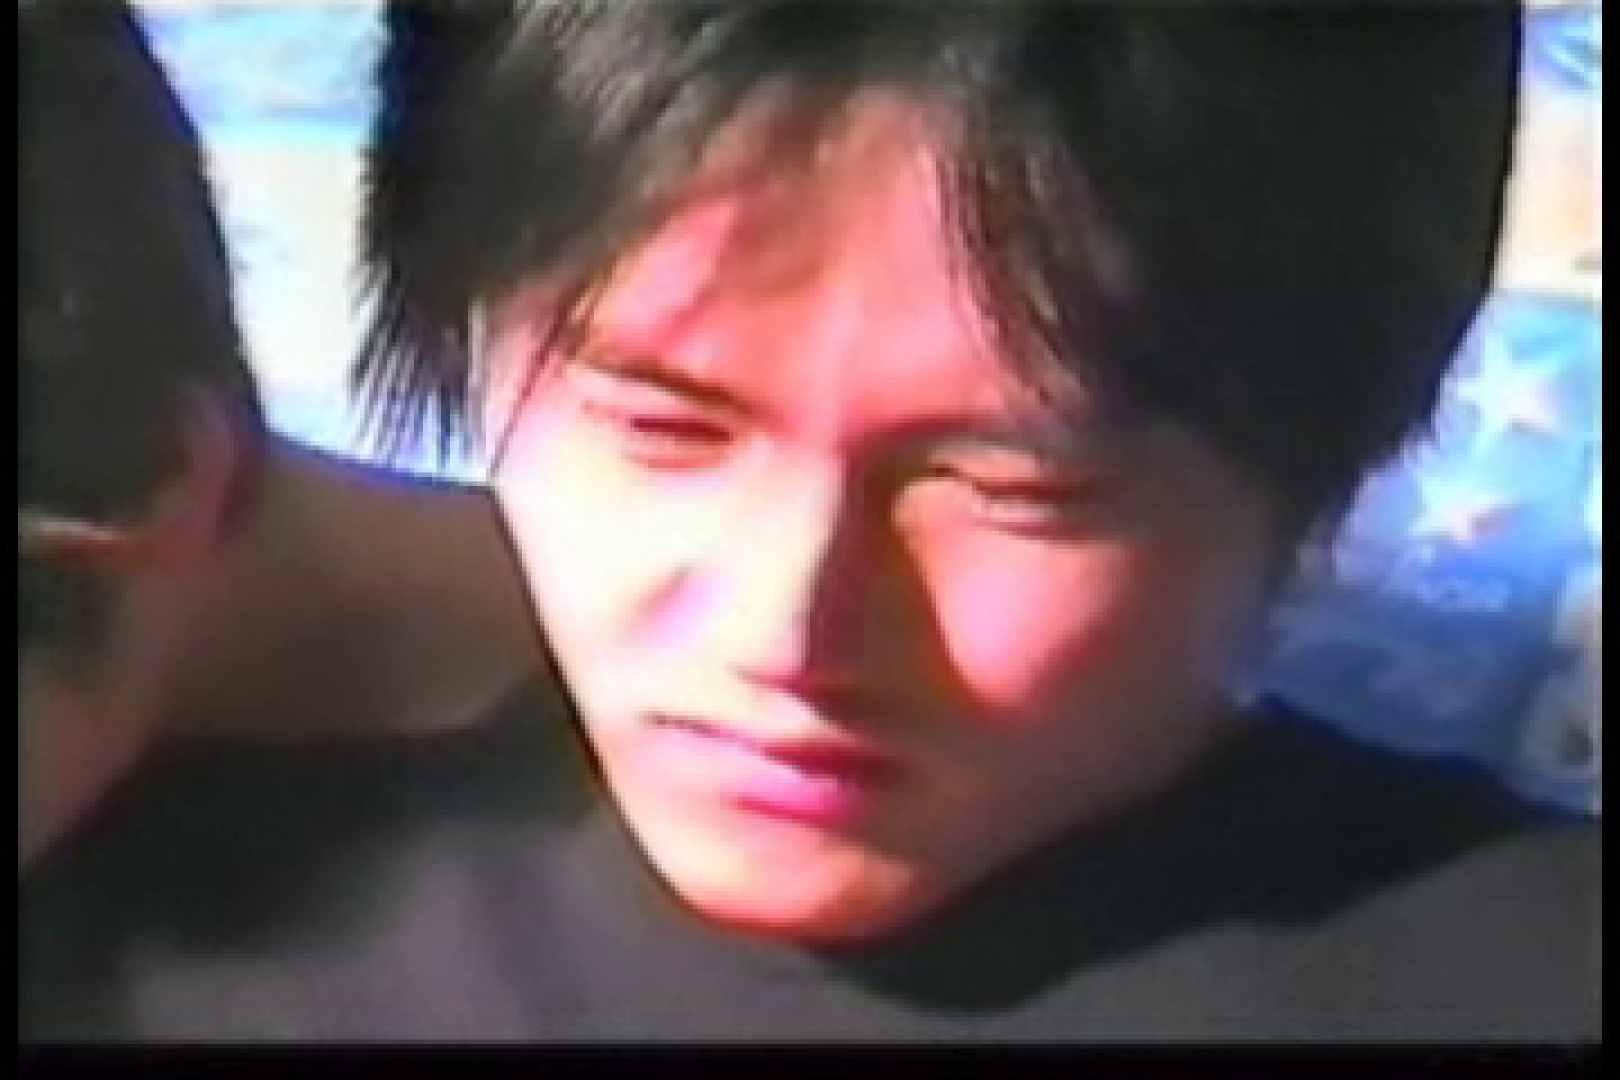 【投稿作品】秘蔵流出ビデオ!!甘い追憶 生挿入 ペニス画像 97枚 5